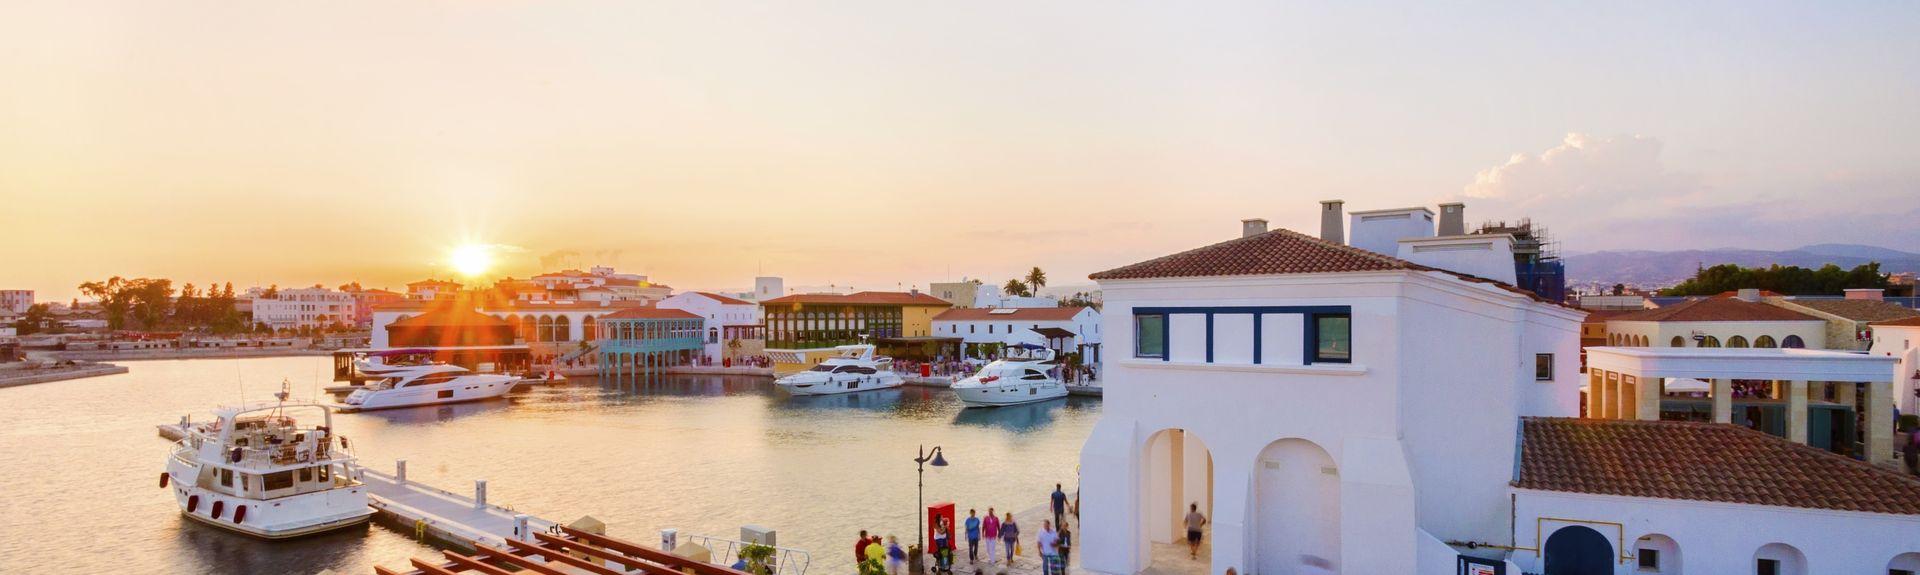 District de Limassol, Chypre